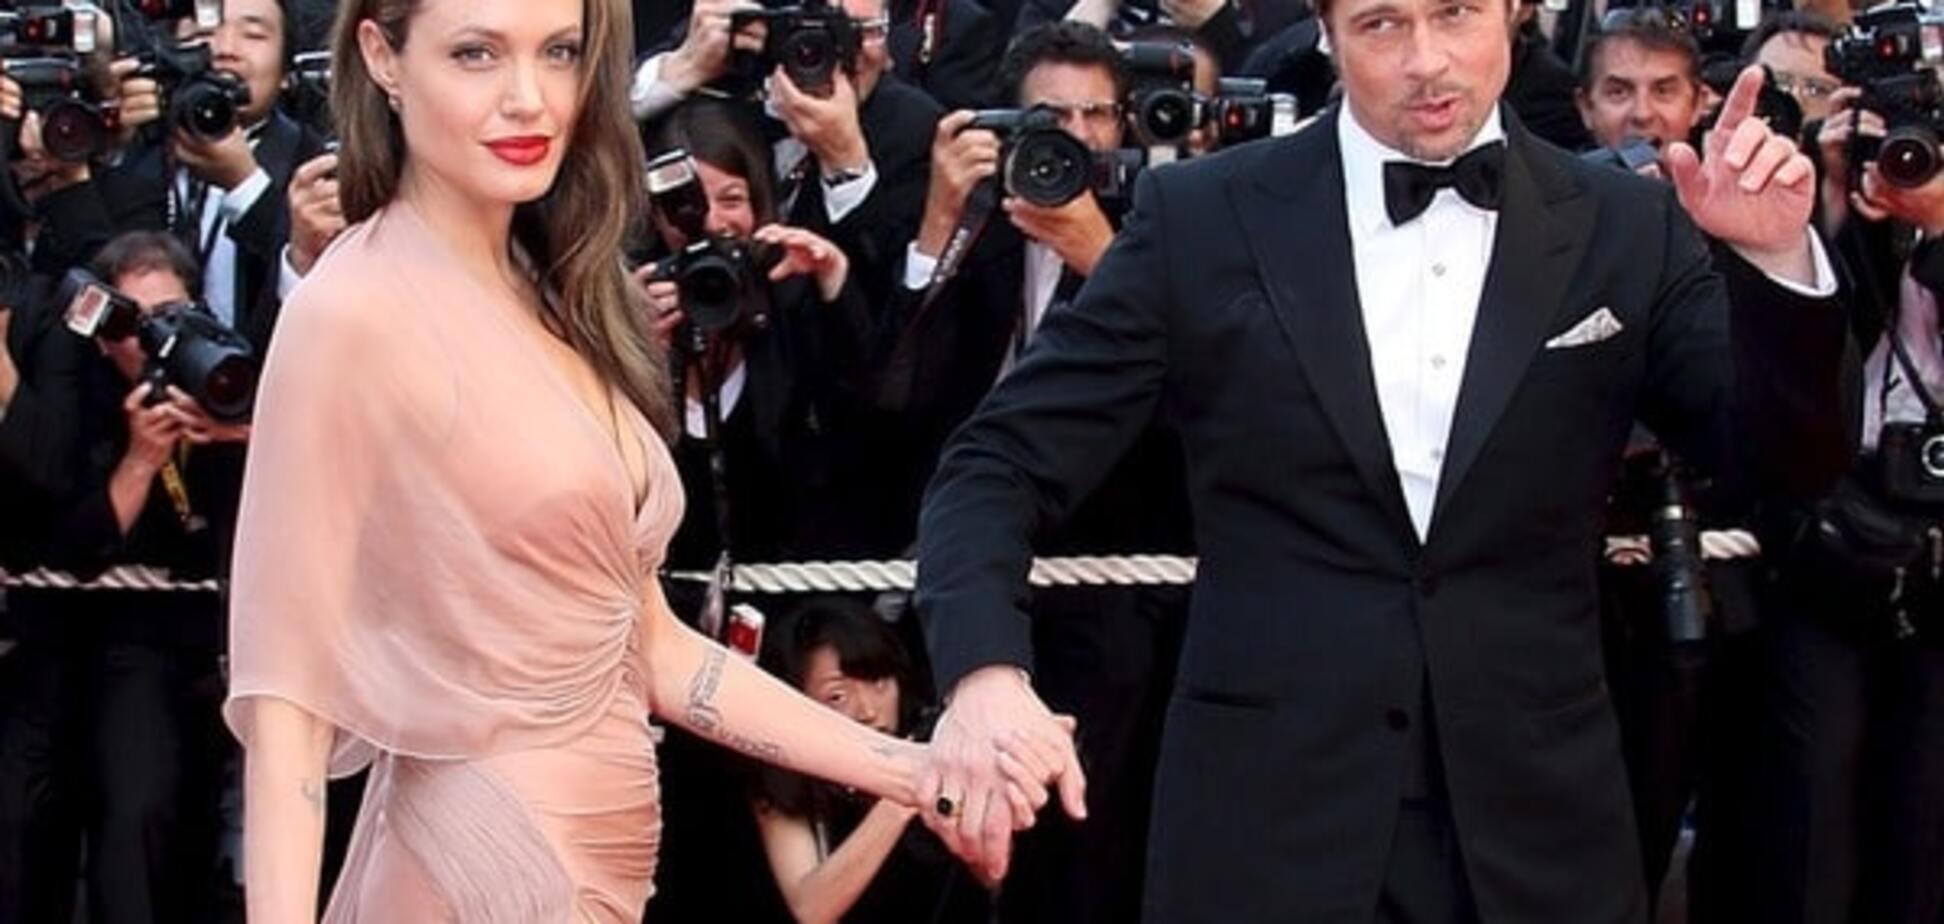 Джоли и Питту предстоит разделить $500 млн - The People